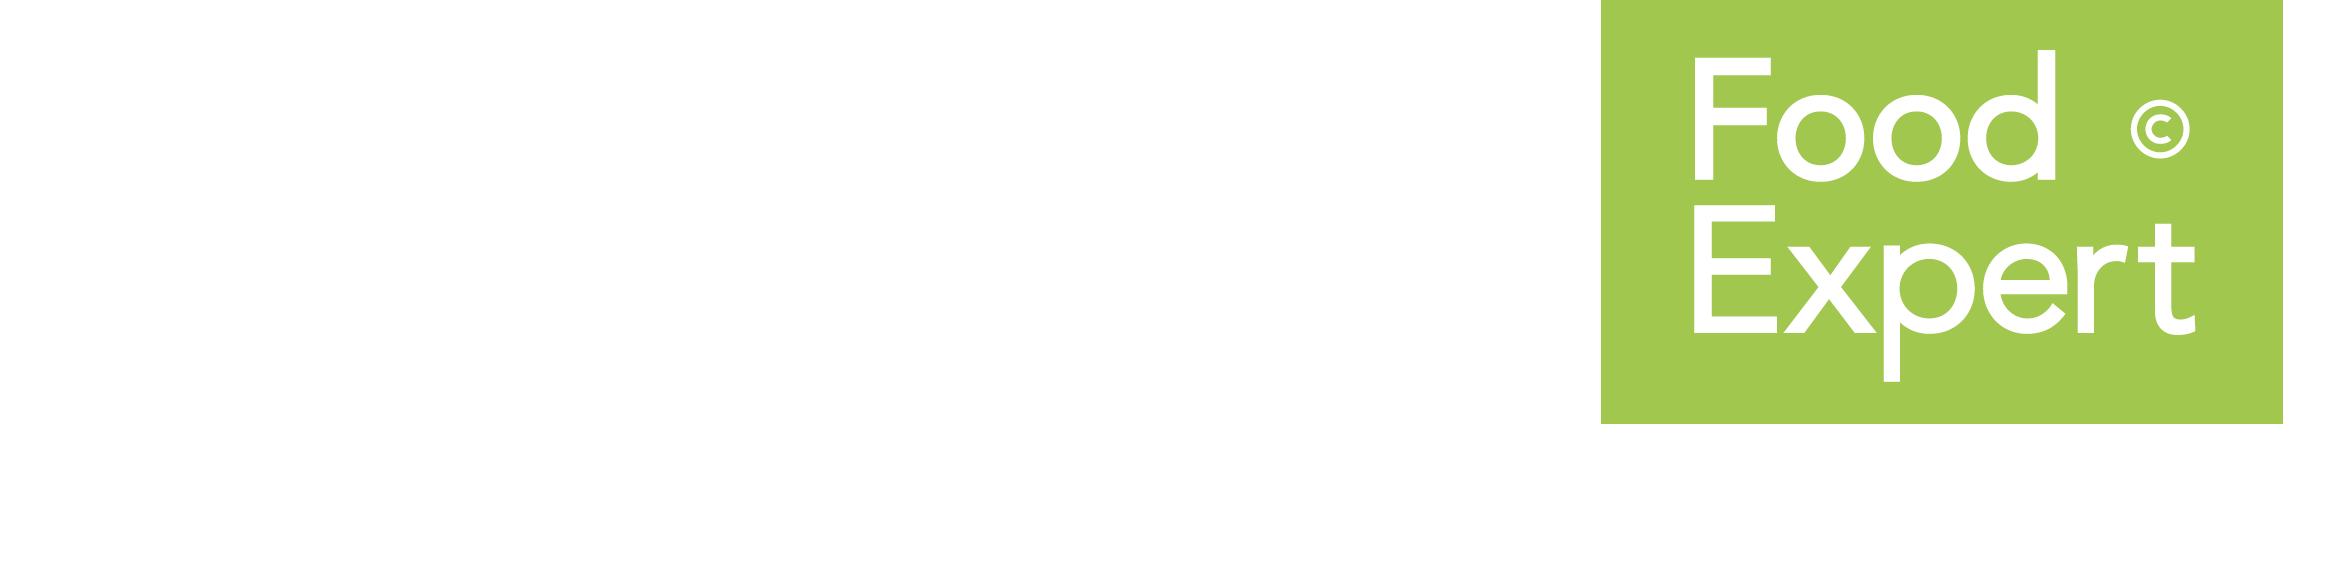 Crono logo 2 blanco